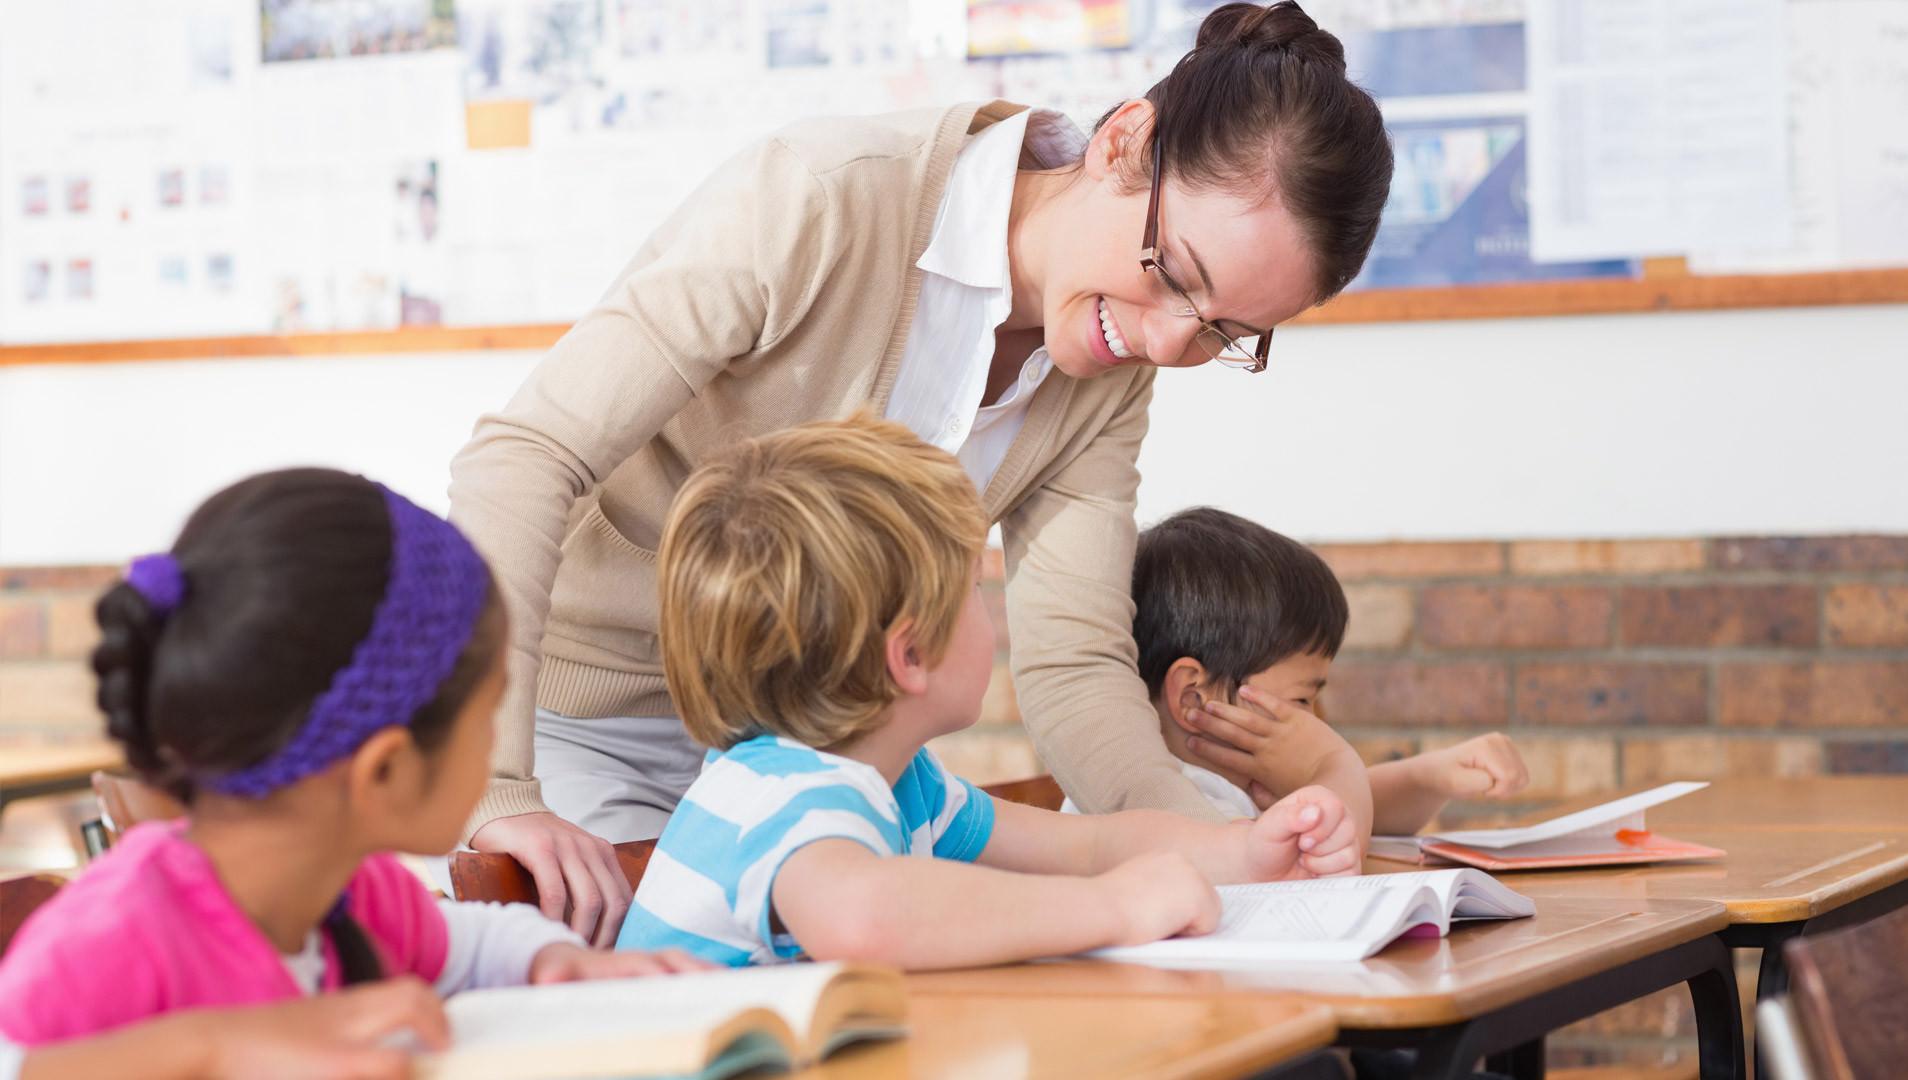 se3 Україна вперше в історії взяла участь в міжнародному дослідженні якості освіти